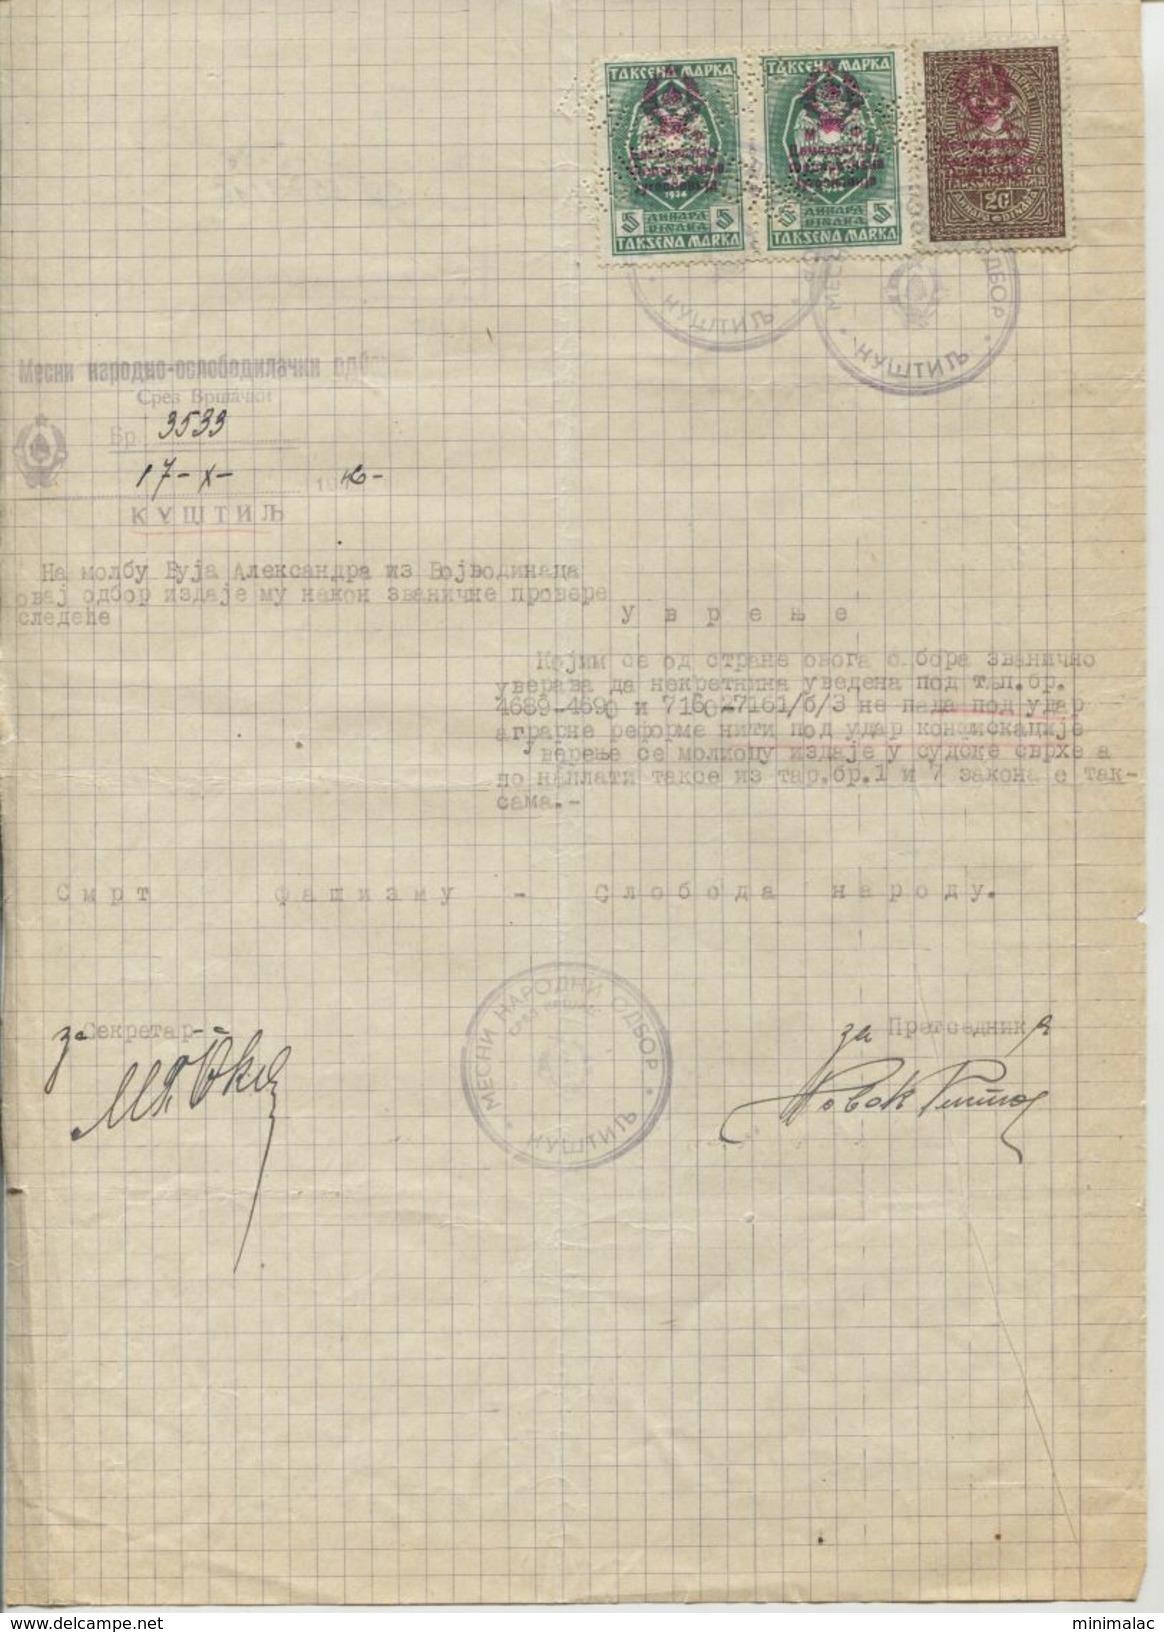 Yugoslavia 1946, 1941 WWII Nazi Occupation Red Overprinted DFJ 3 Tax Stamp, Revenue Document - 1945-1992 République Fédérative Populaire De Yougoslavie